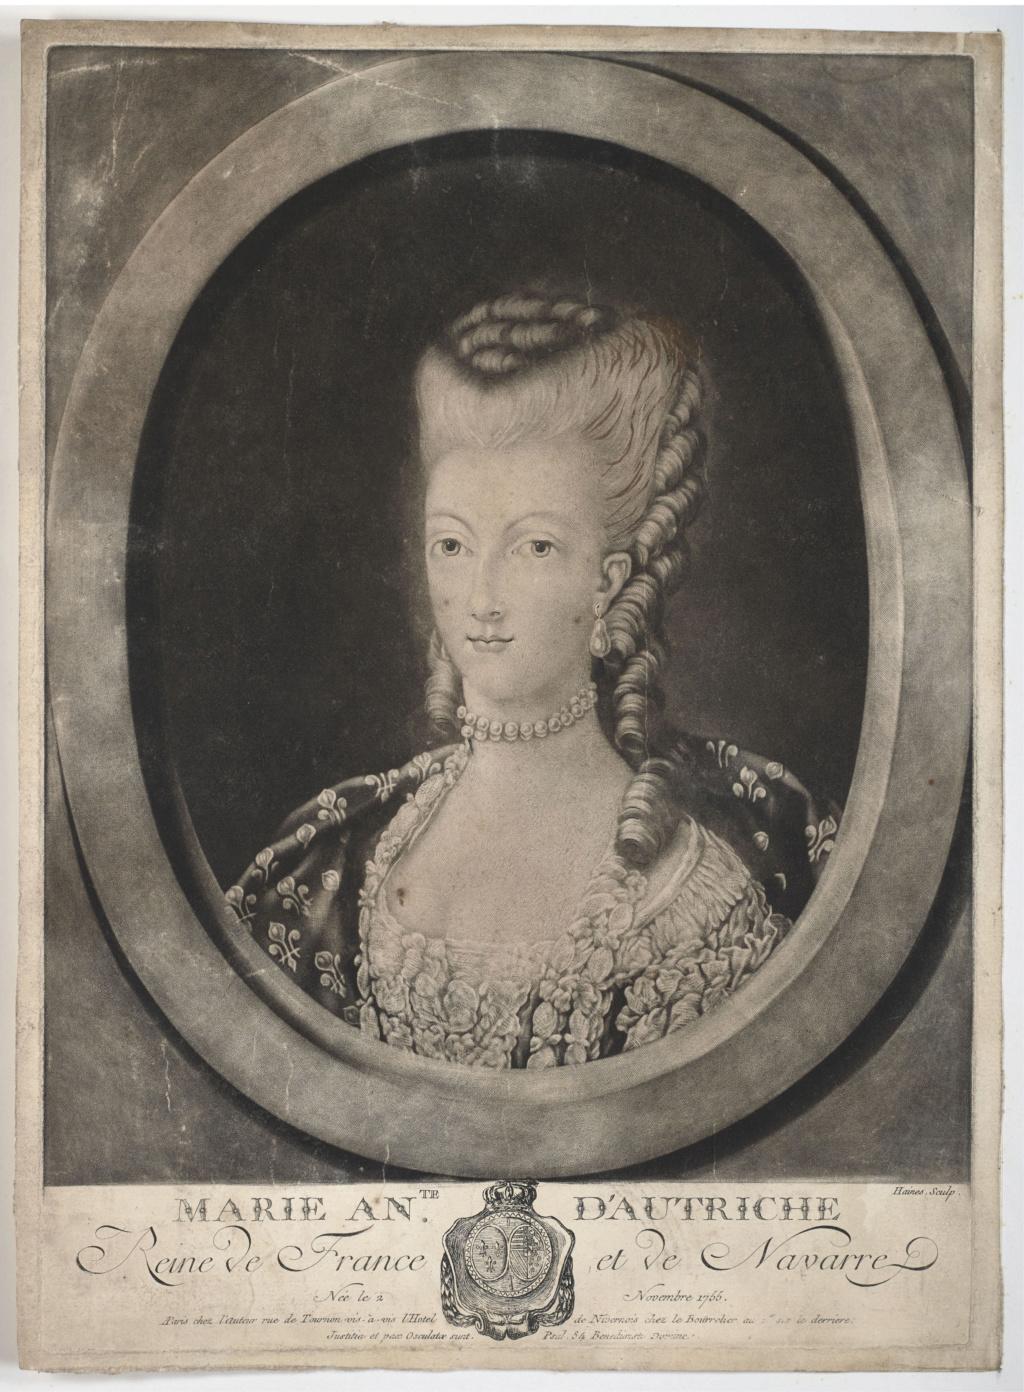 Portraits de Marie-Antoinette : les gravures, estampes, mezzotintes, aquatintes etc.  - Page 3 2019_p10